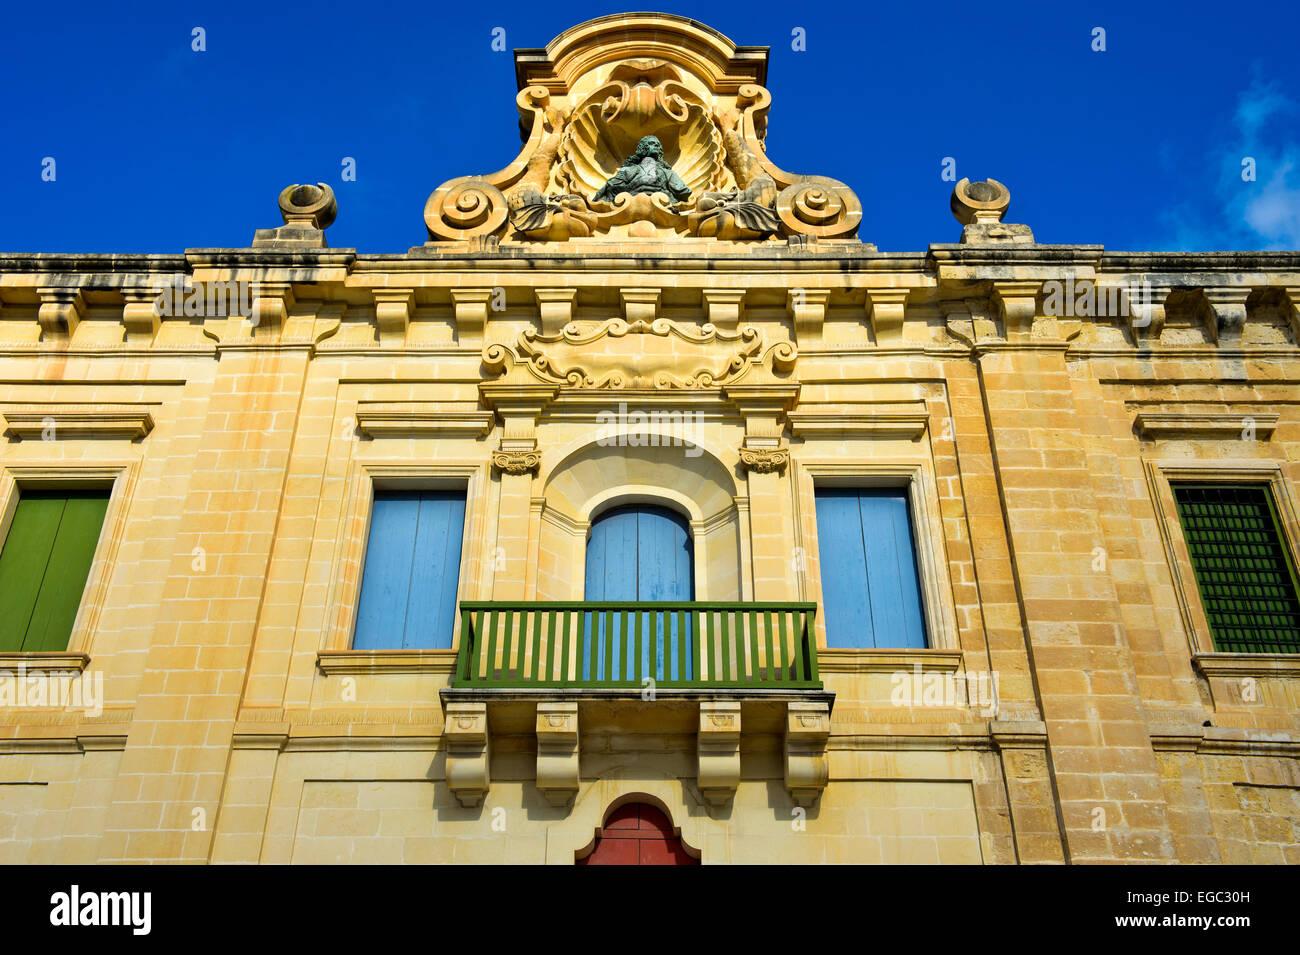 Restored historical warehouses of the Valletta Waterfront, Valletta, Malta - Stock Image